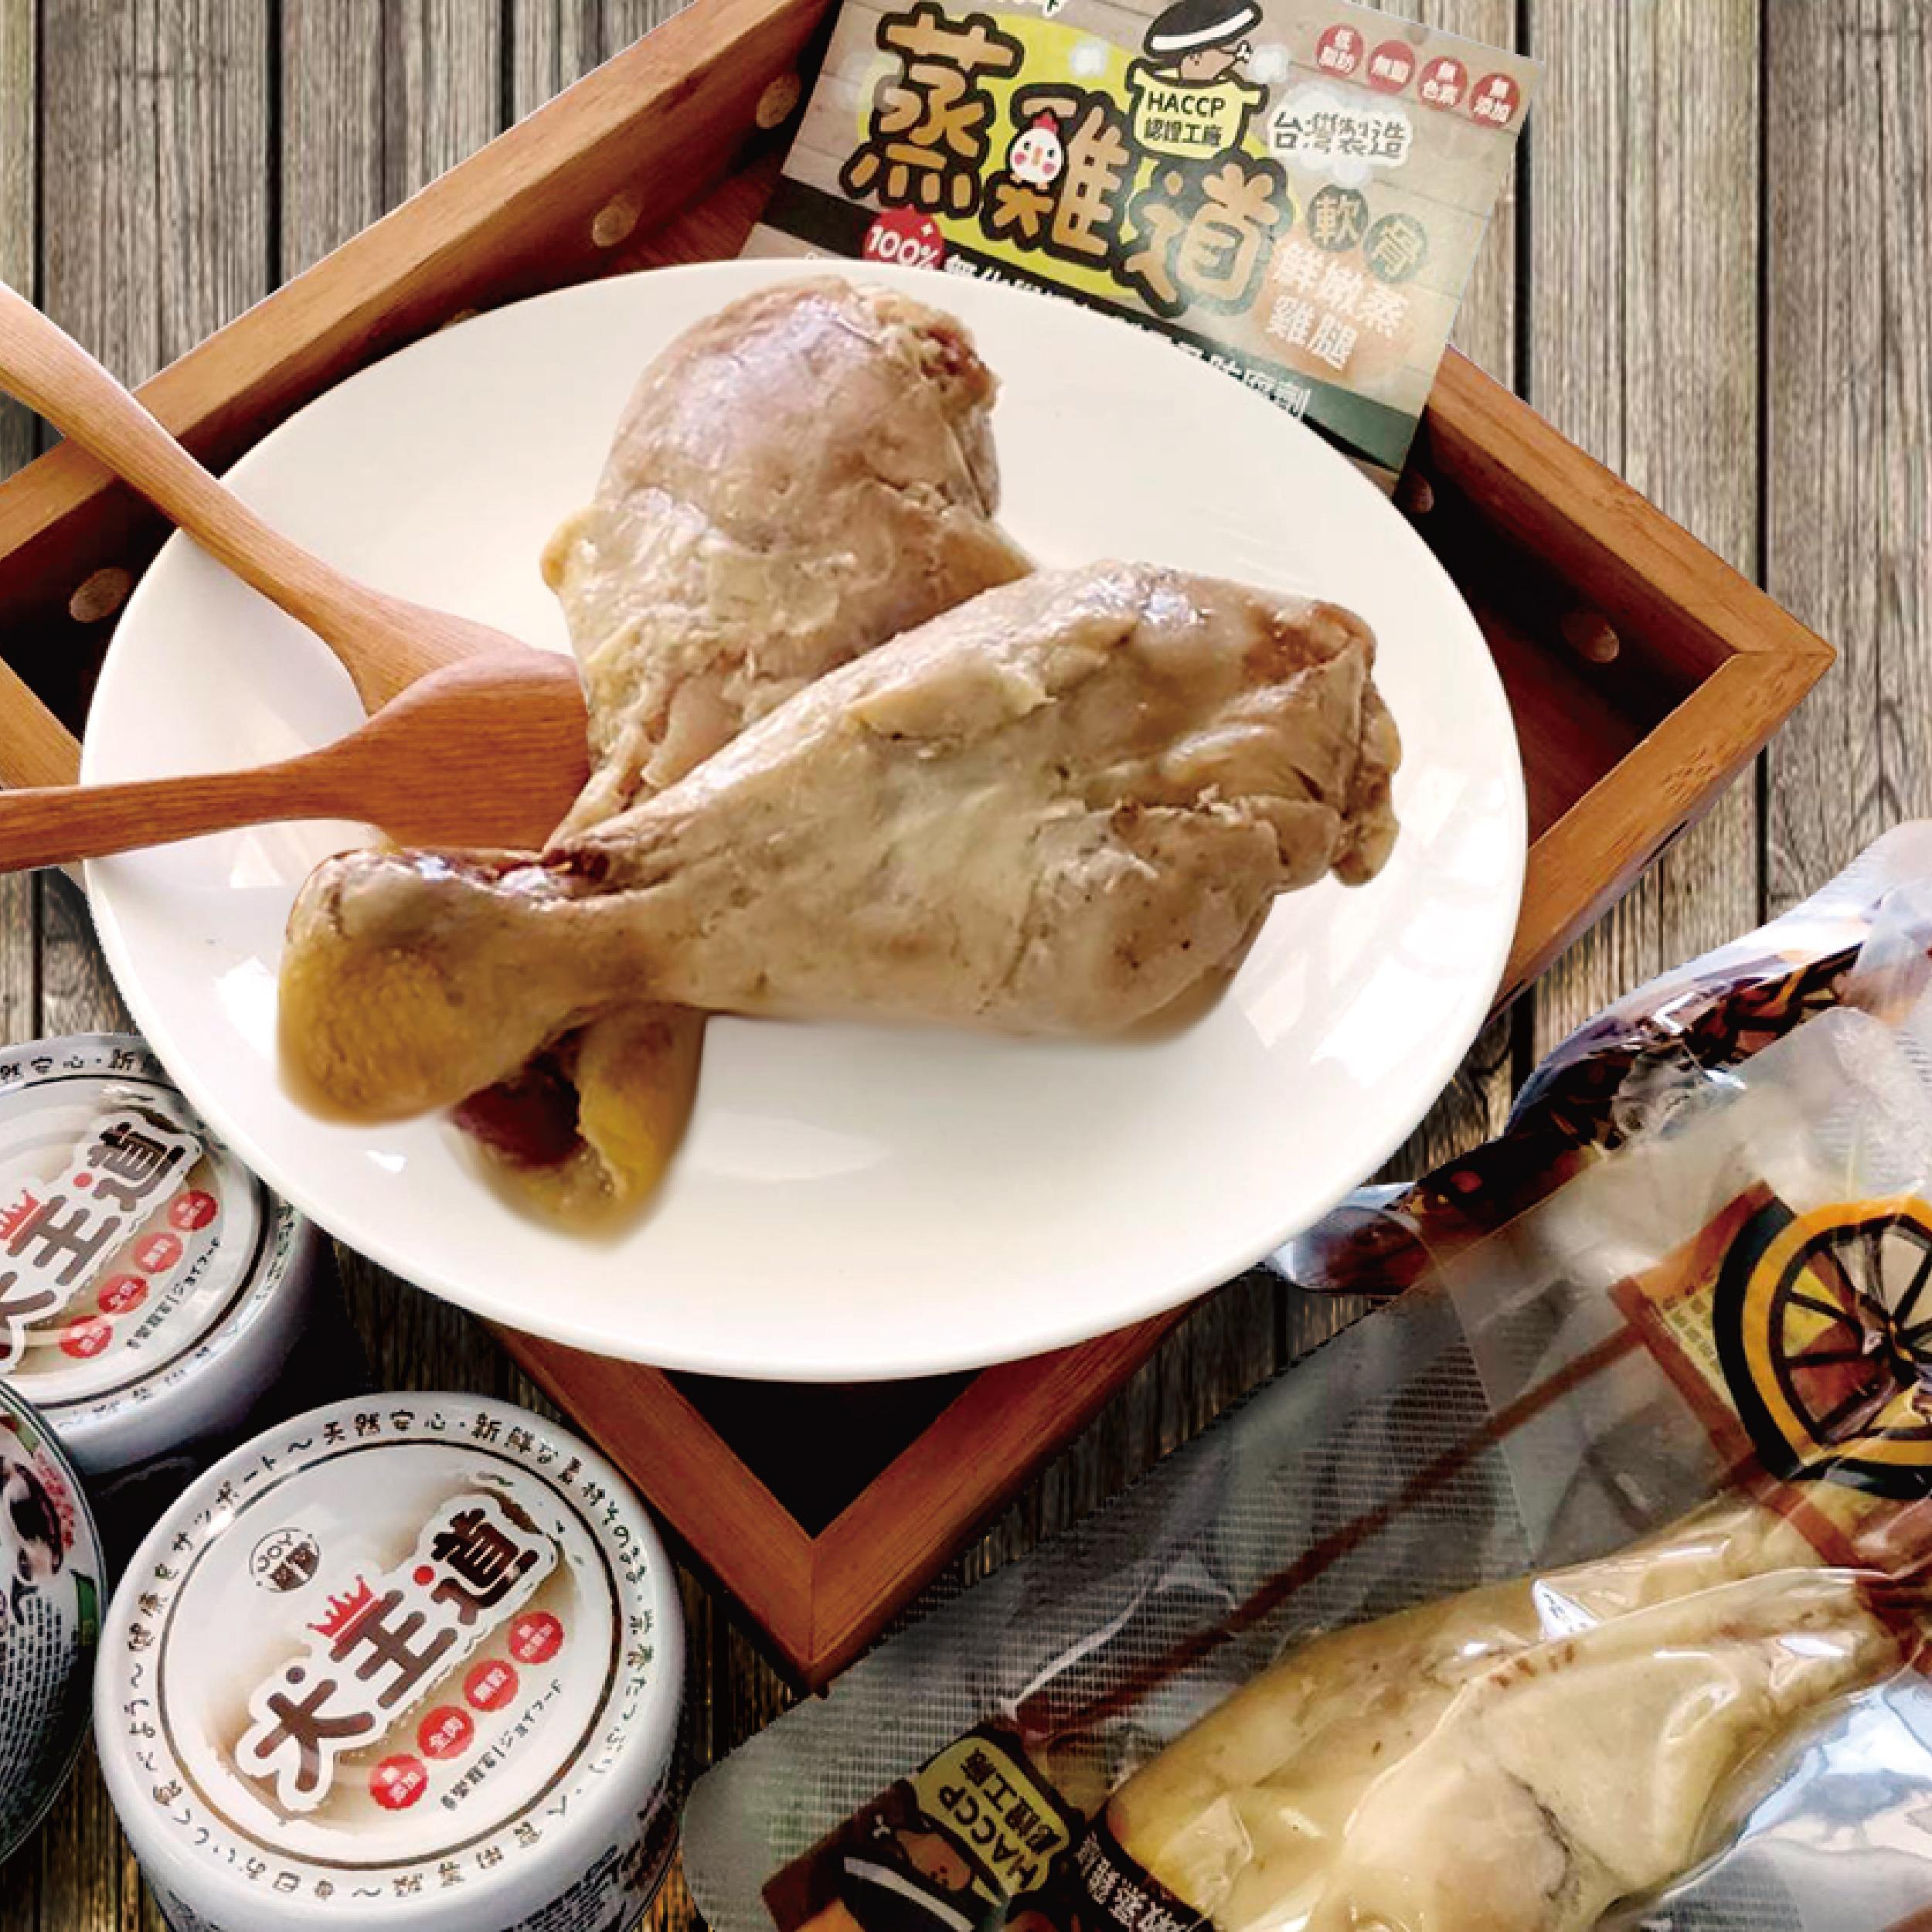 蒸雞道-軟骨鮮嫩蒸雞腿 cover